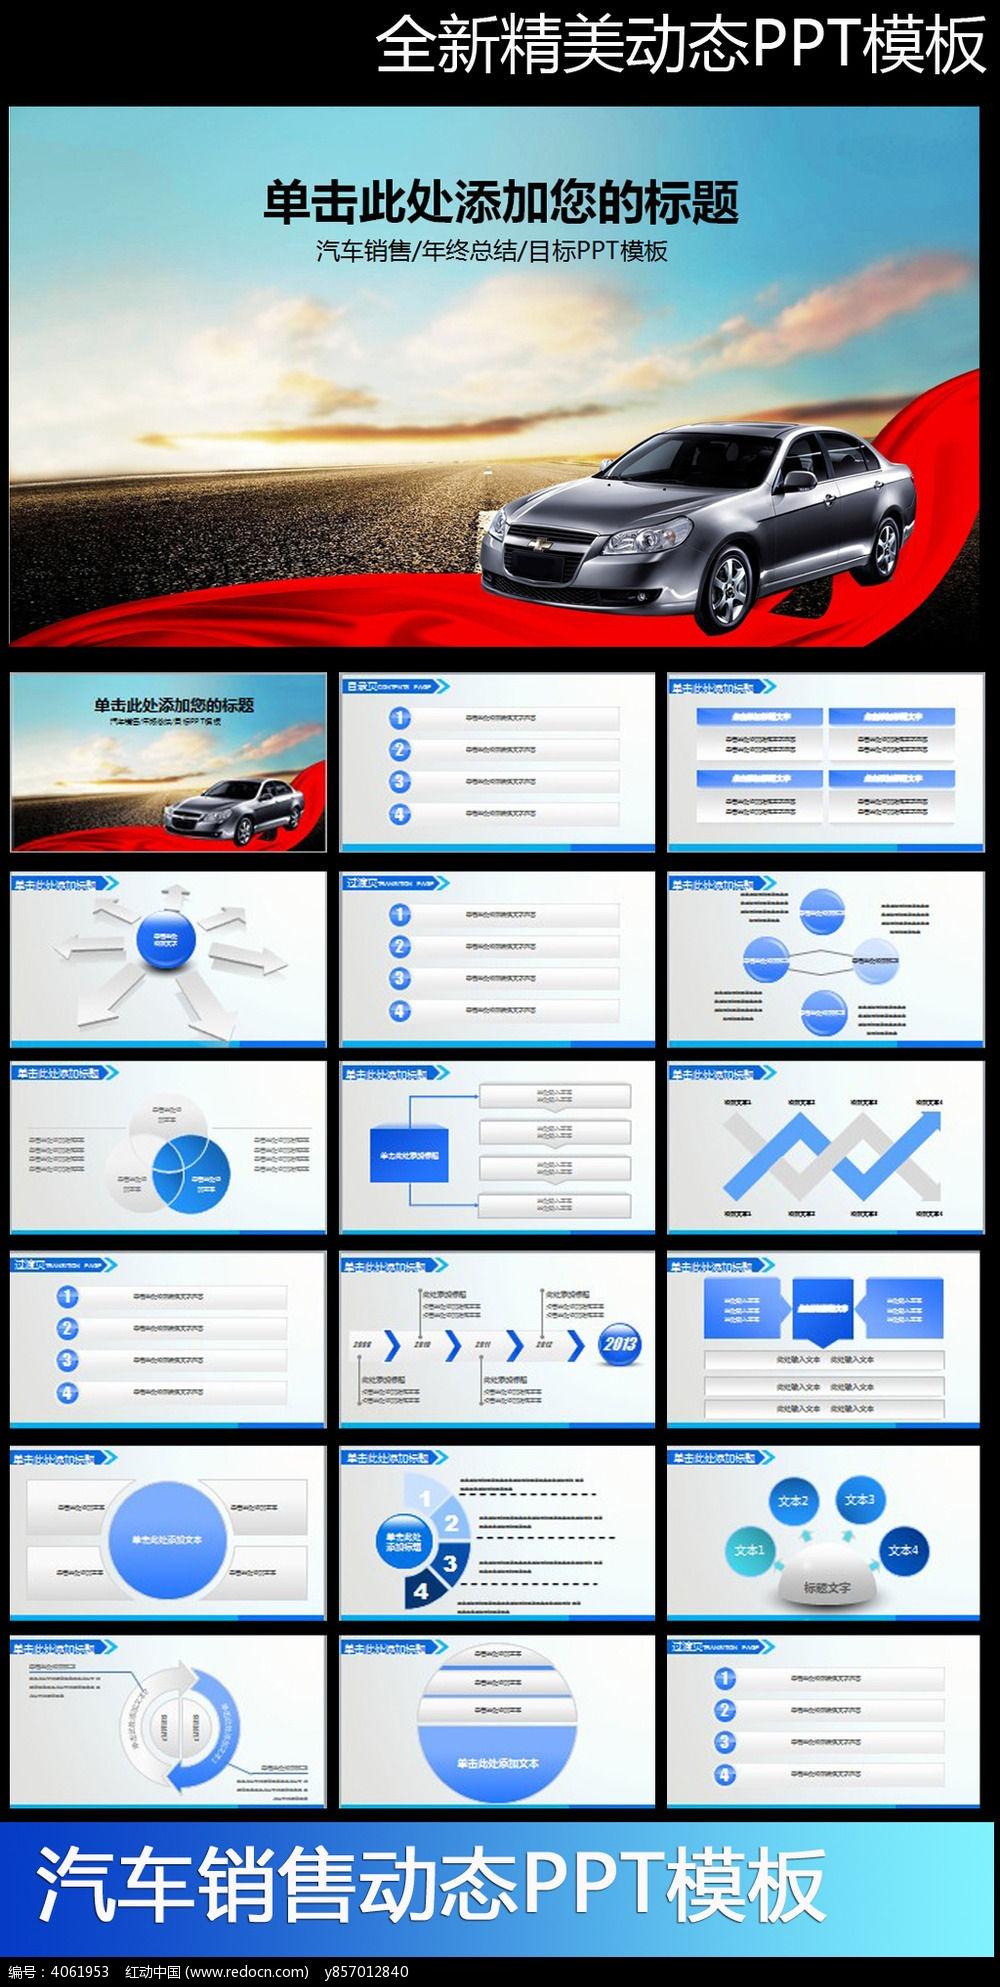 标签:汽车 4S店 维修 养护 轮胎 销售 PPT PPT模板 PPT图表 动态高清图片